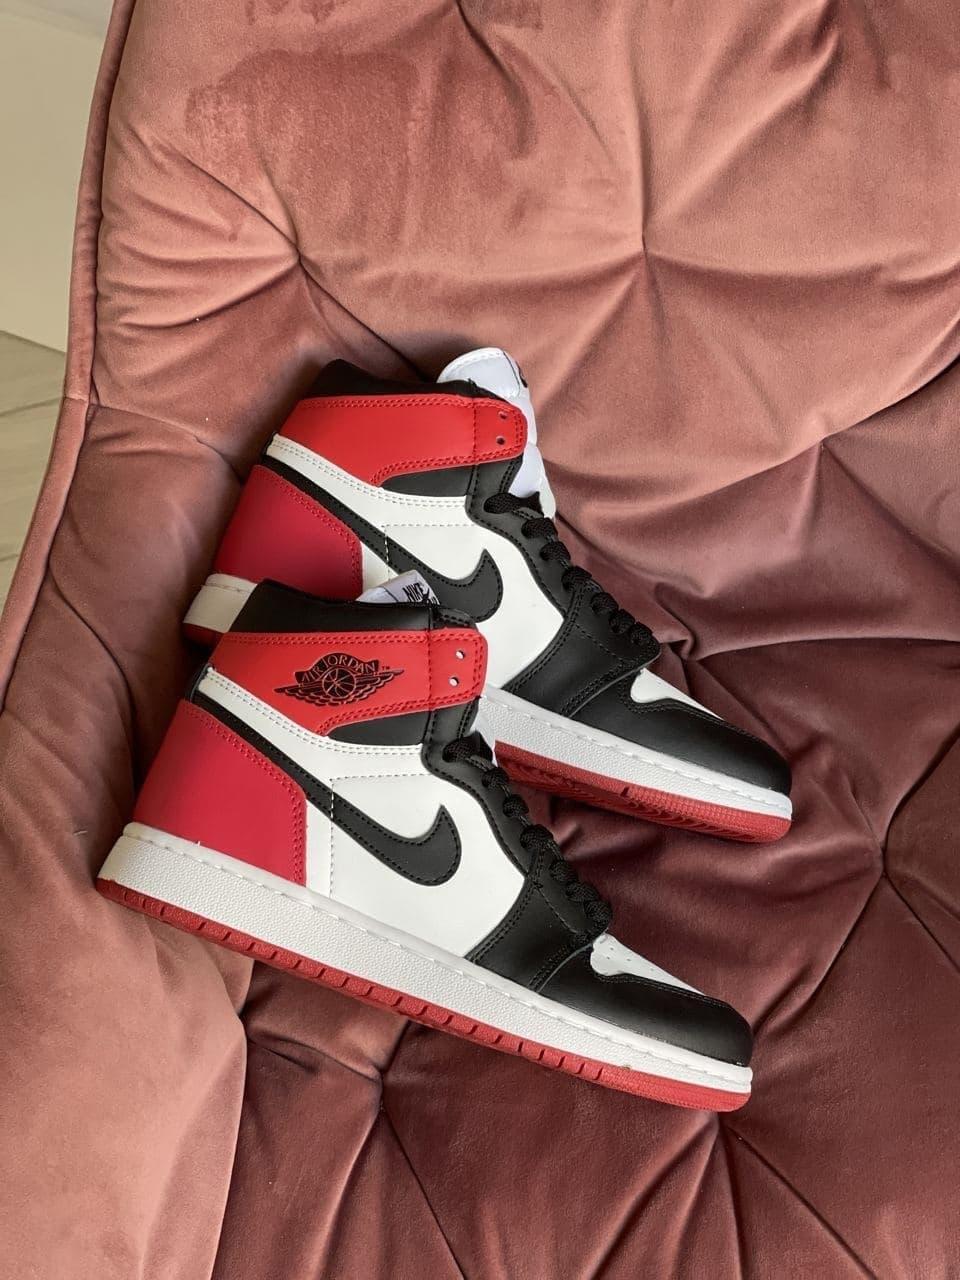 Кроссовки Nk Jordan 1 белые с черным \ красные